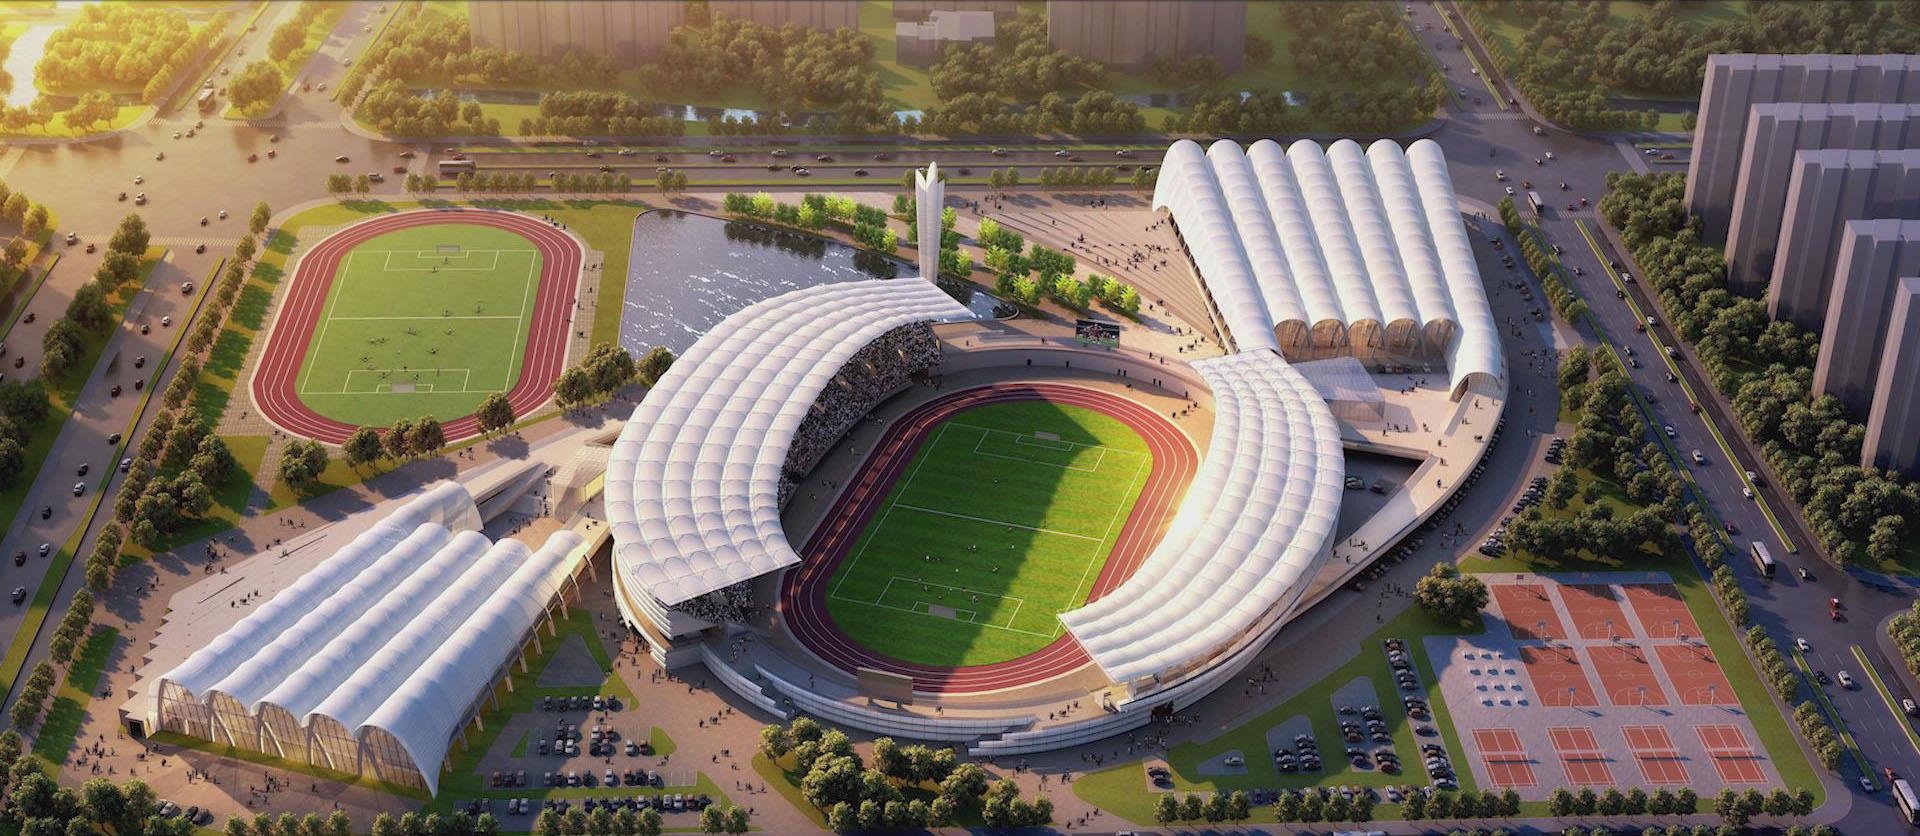 與部分典型民用建筑合作的項目-佛山高明體育文化中心